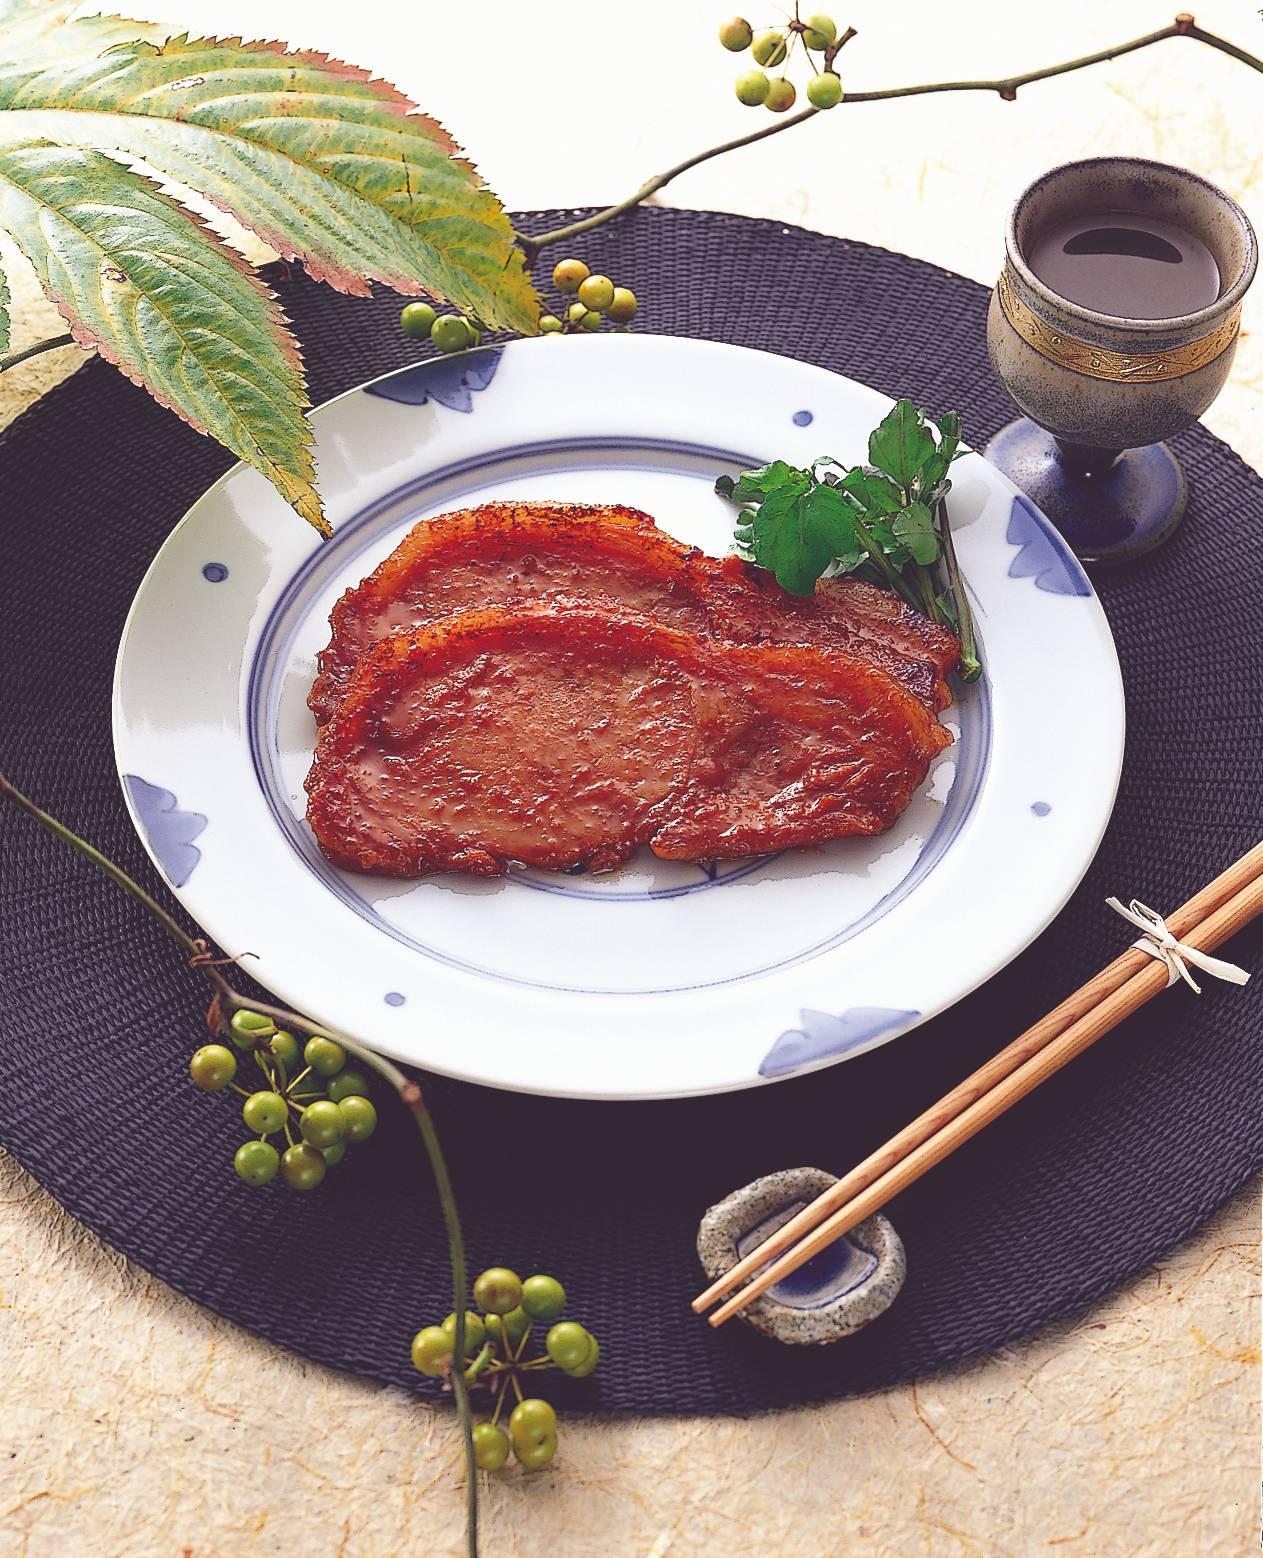 ミートプラザ肉の石川